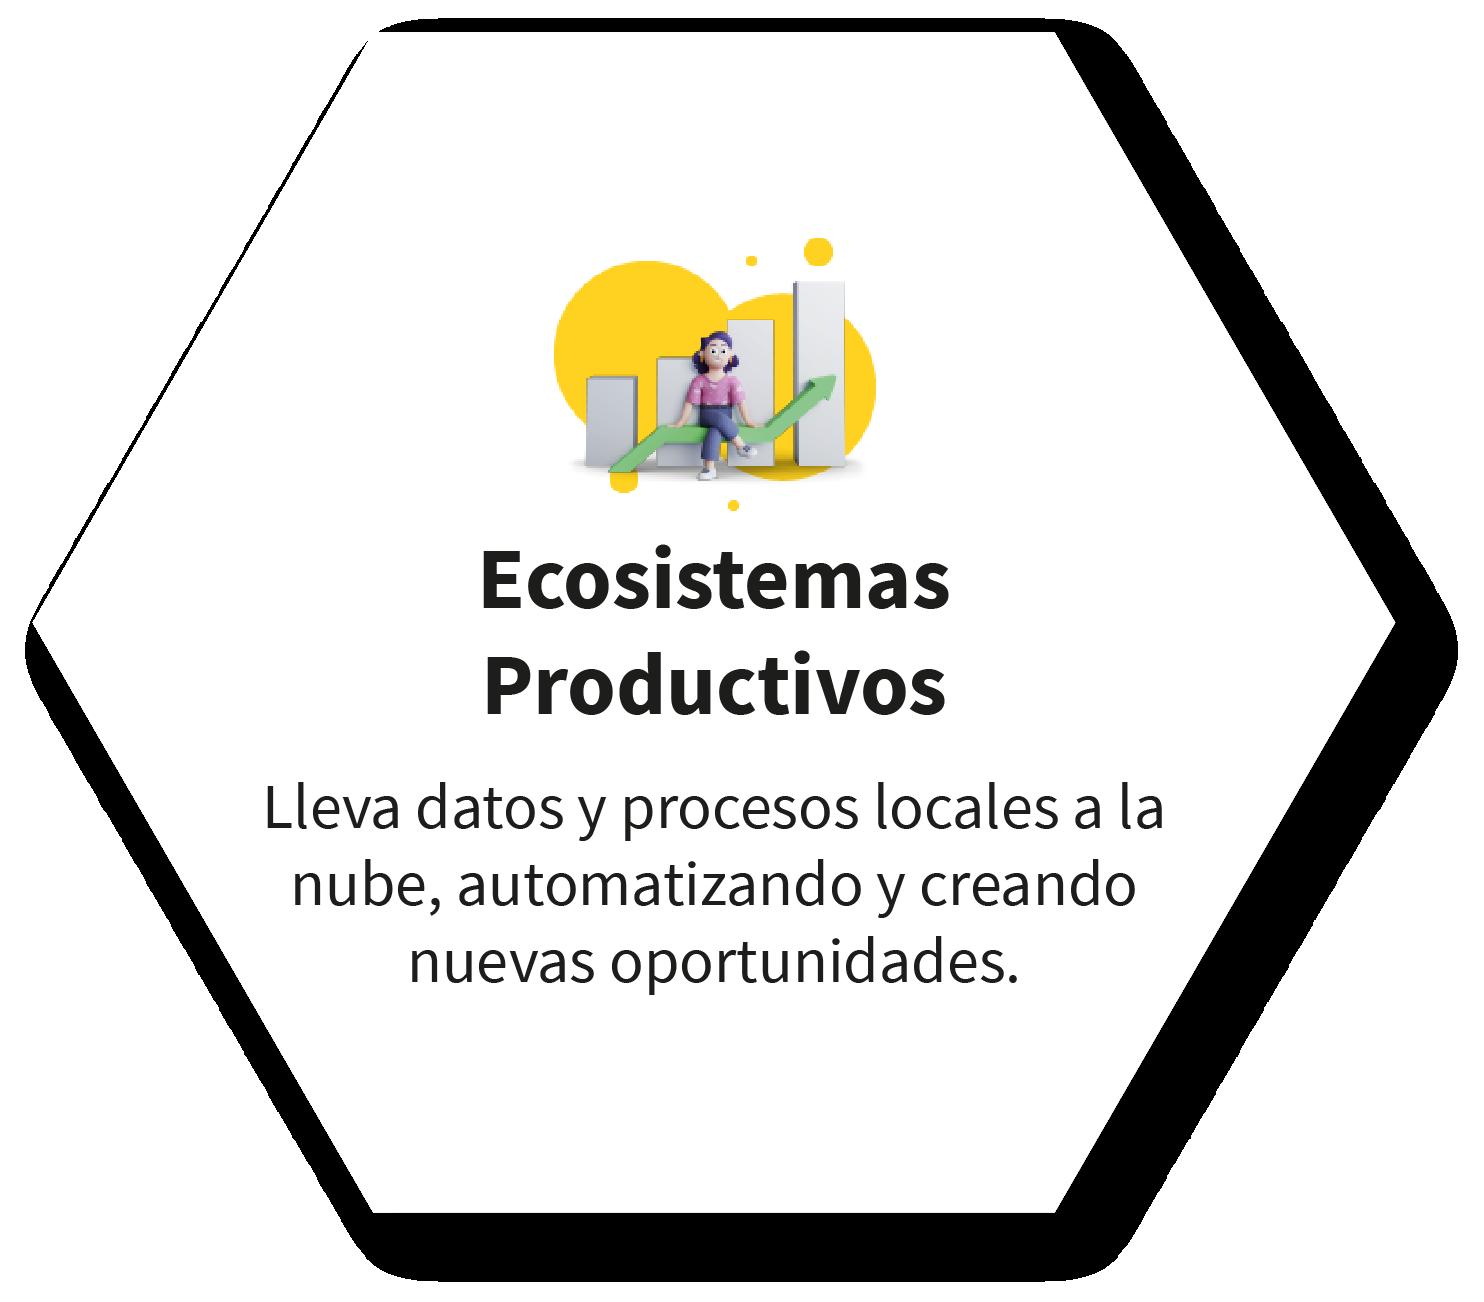 Ecosistemas Productivos